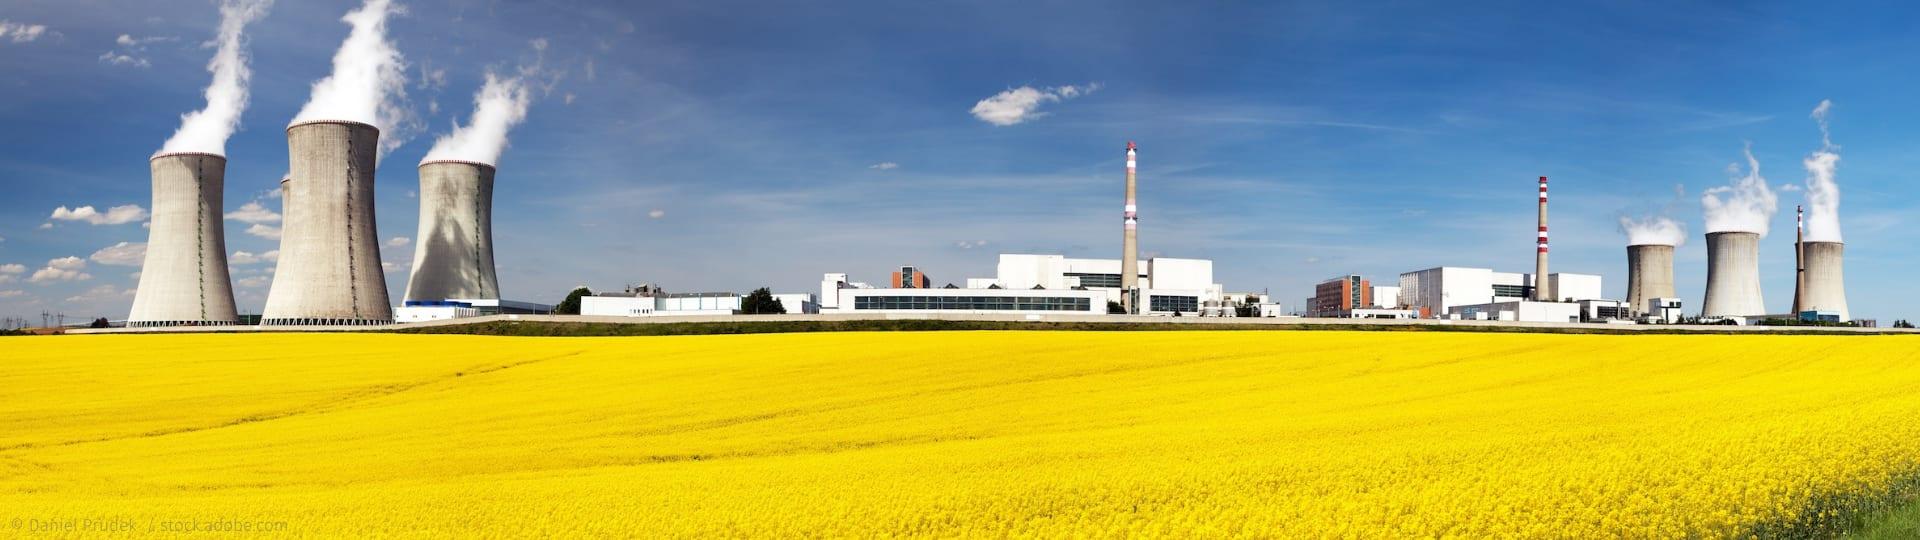 Gelb blühendes Rapsfeld mit Kraftwerk samt rauchenden Schloten im Hintergrund